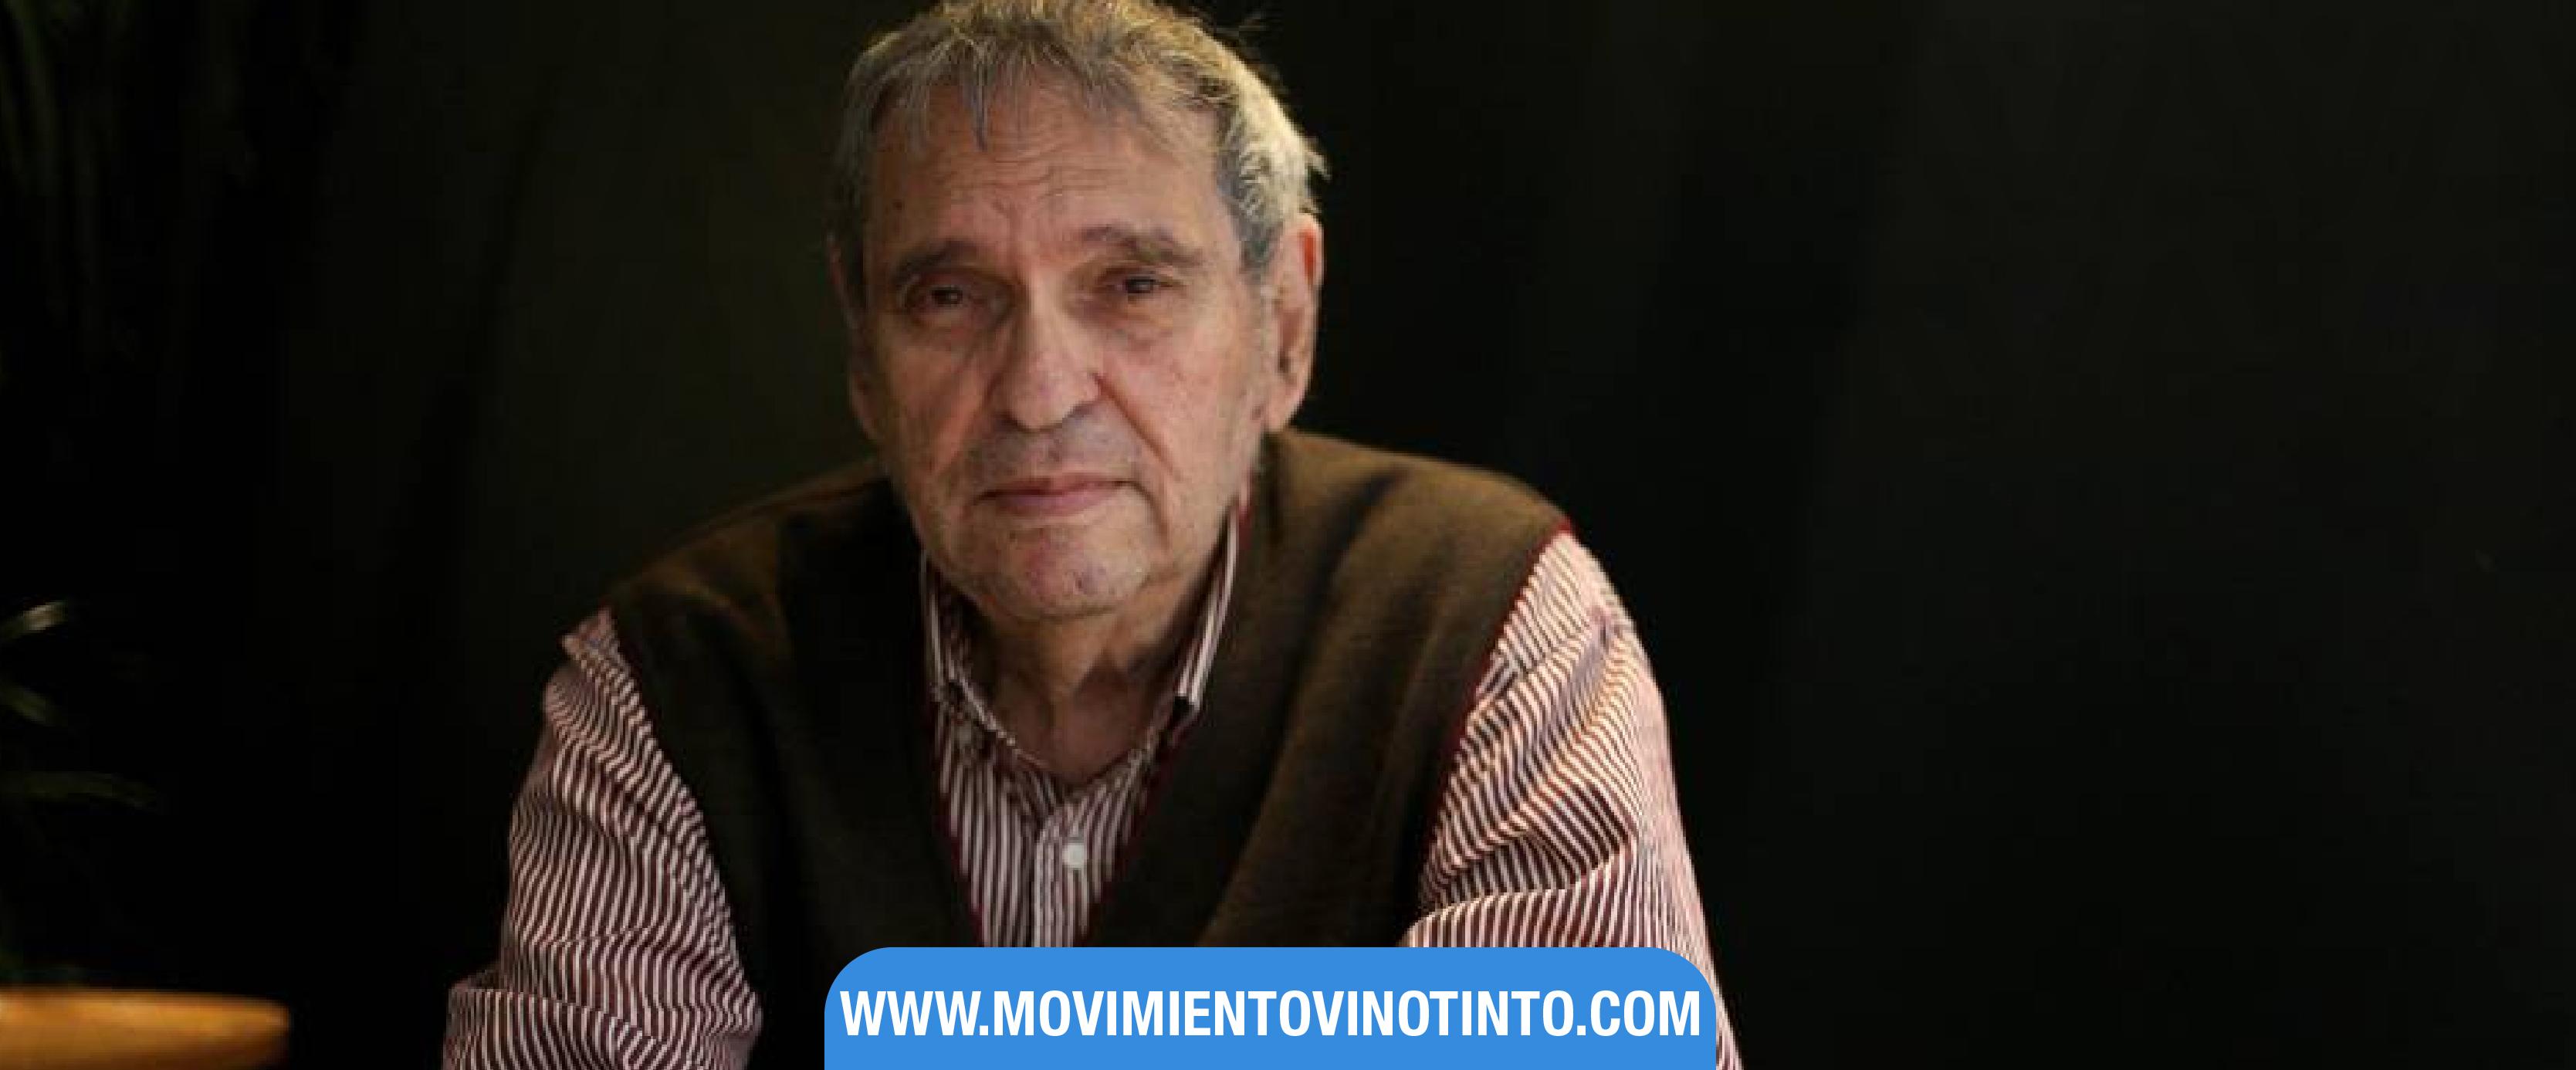 Rafael Cárdenas fue galardonado con el premio Reina Sofía de Poesía Iberoamericana #24Oct